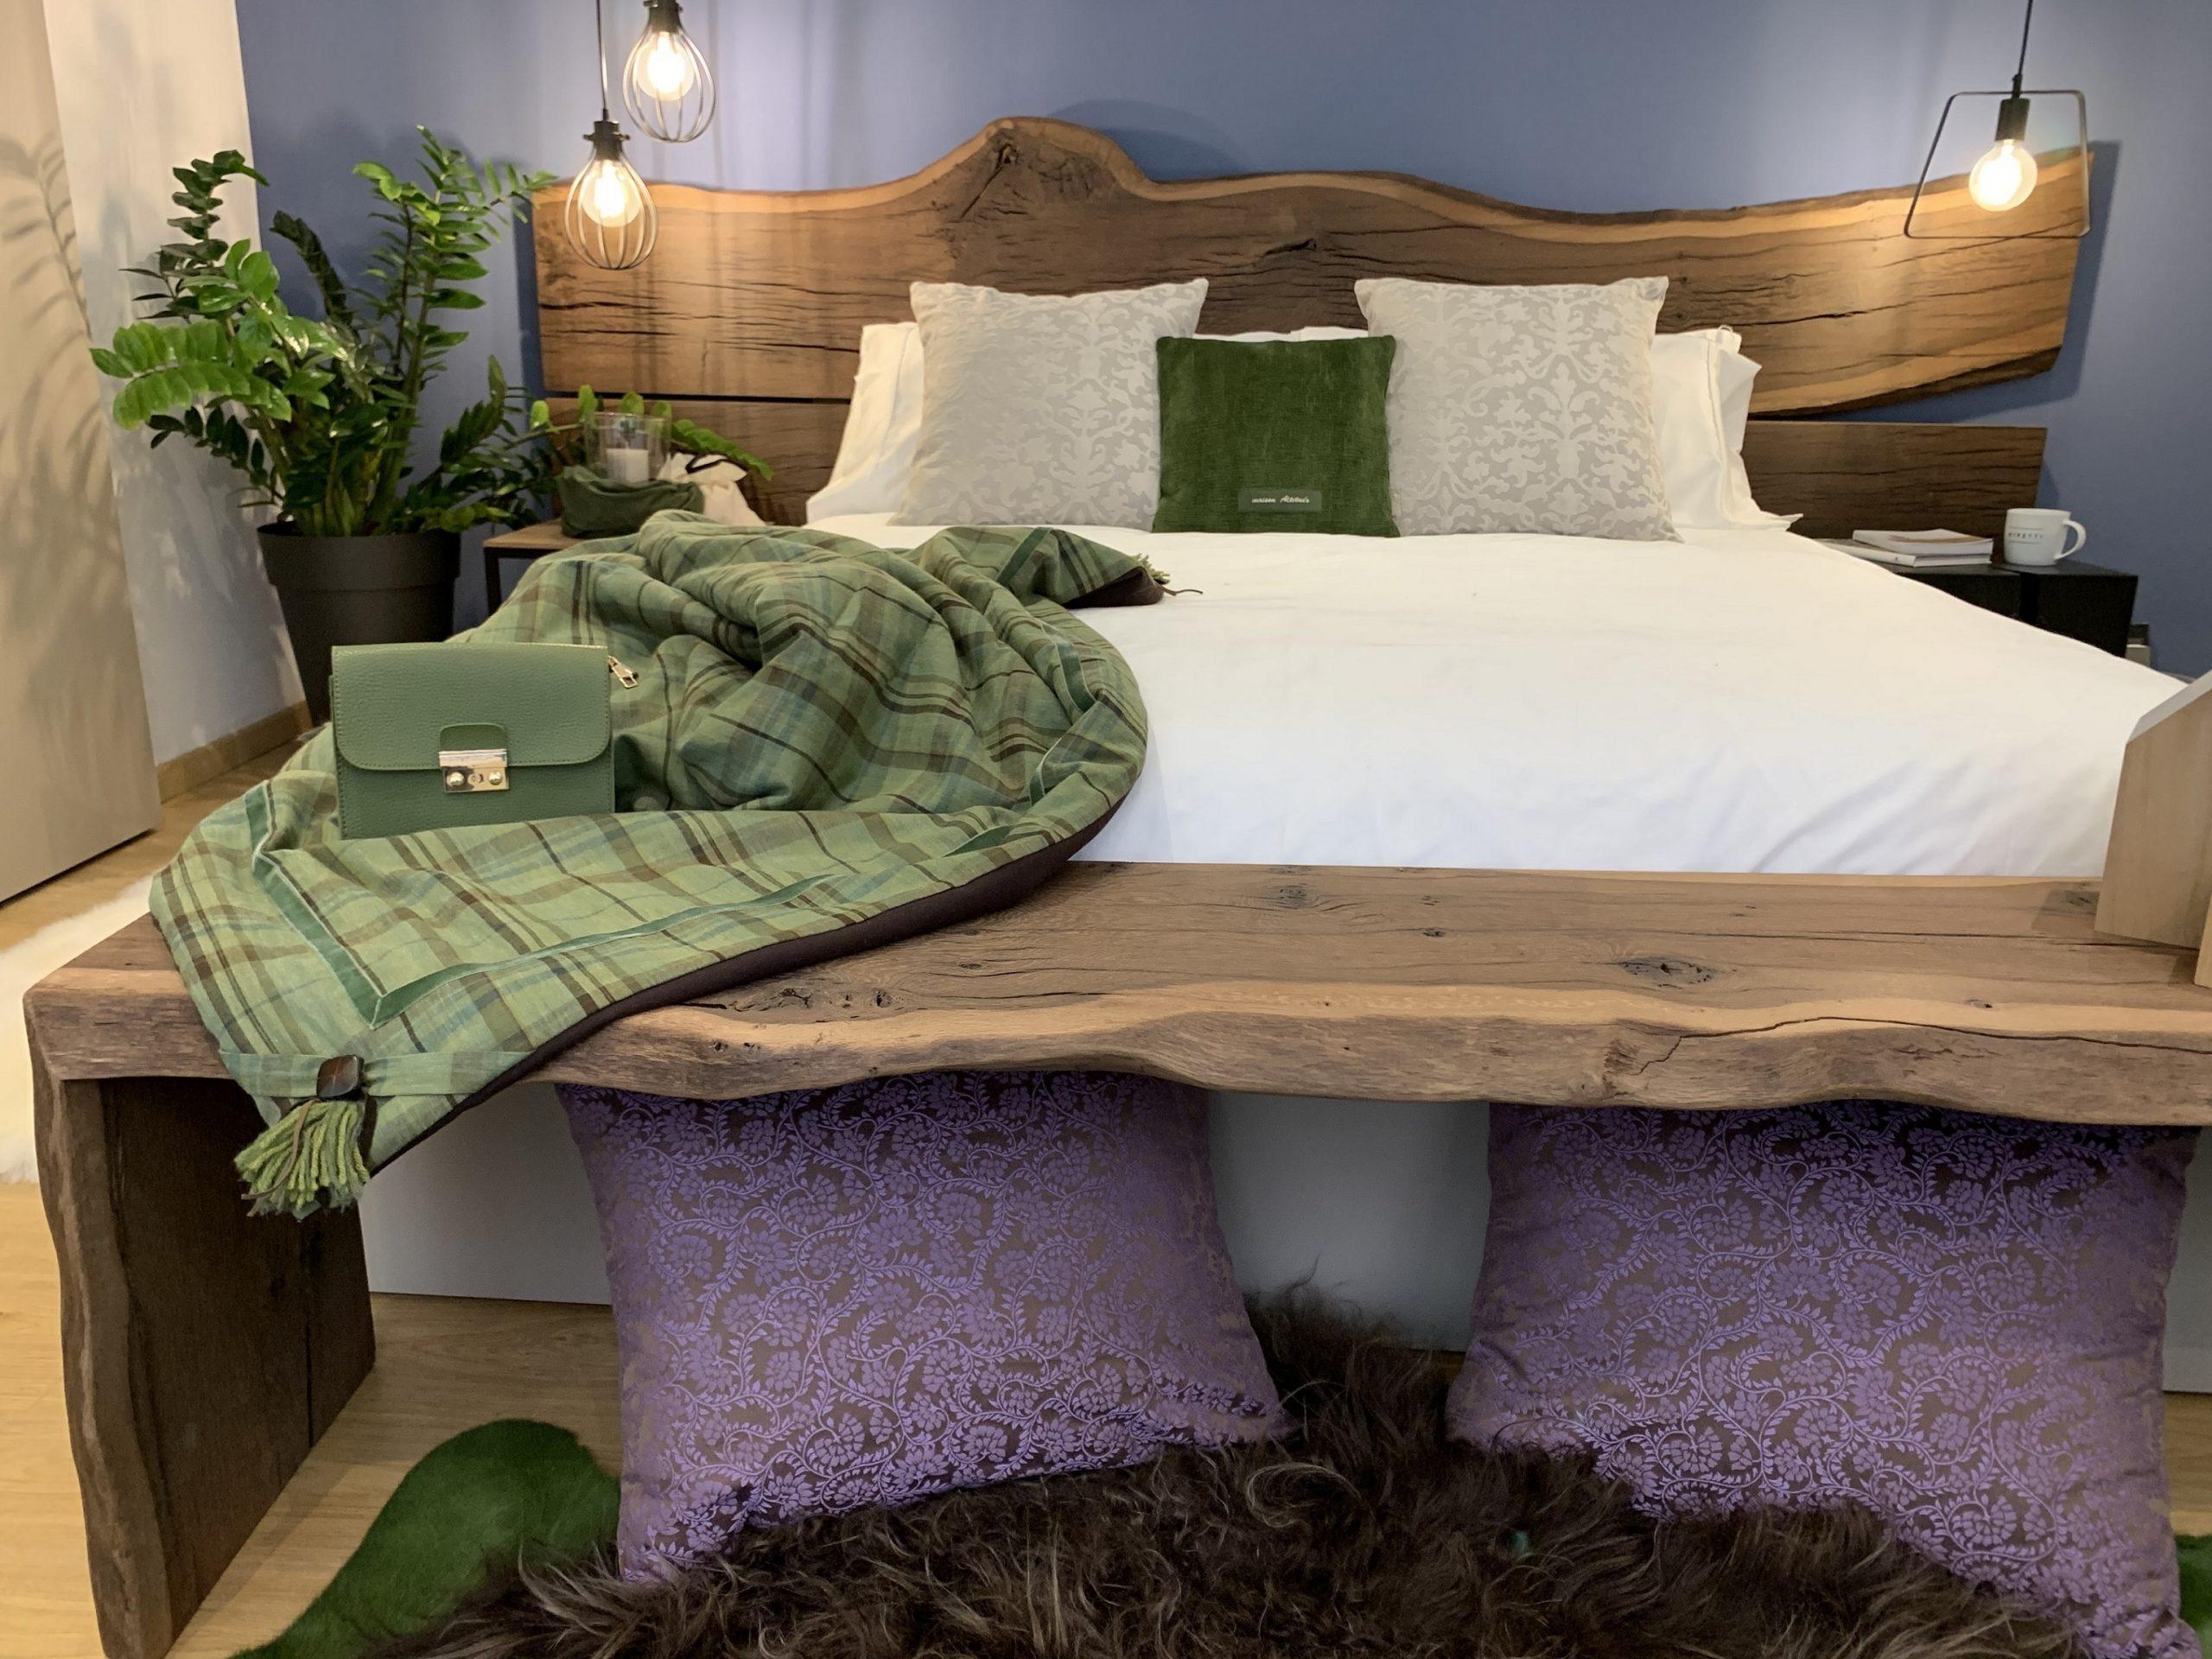 letto in rovere termocotto, runner imbottito quadro verde e marrone, morbidi cuscini damascati grigio perla e di velluto verde